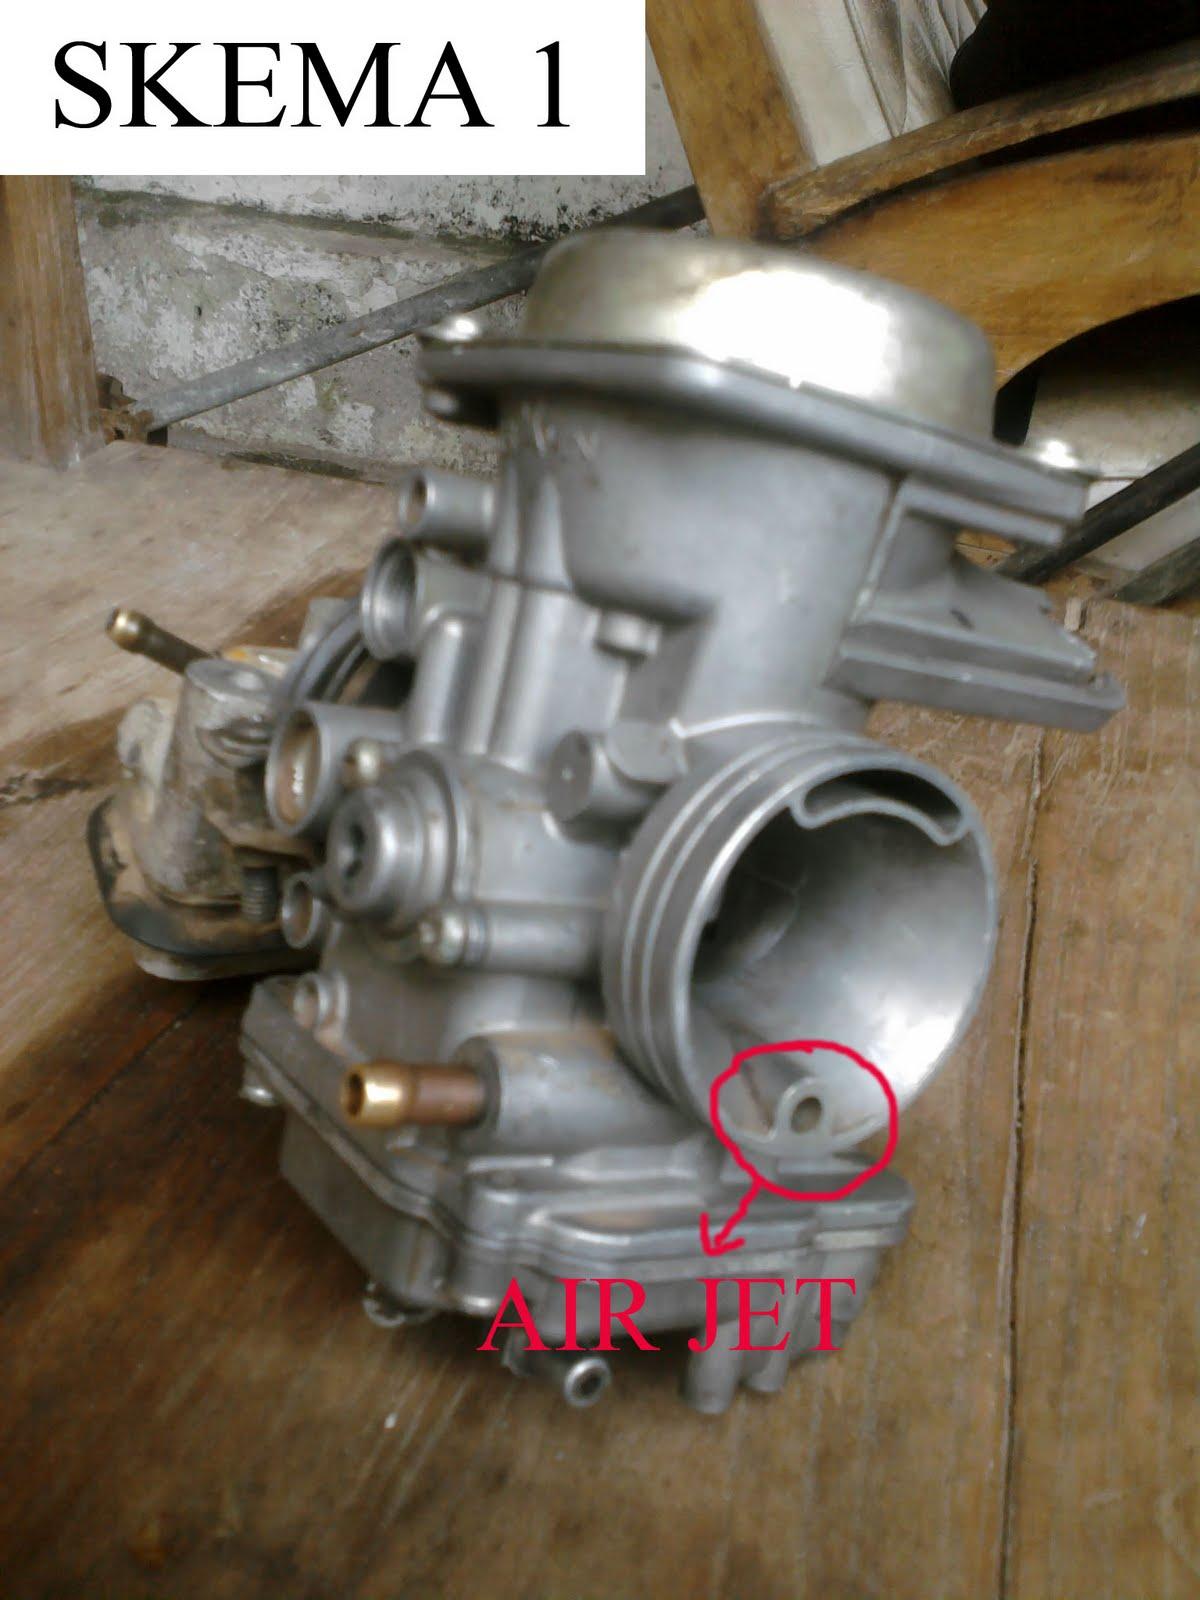 karburator vakum cv tidak sereponsif karburator konvesional masalahnya